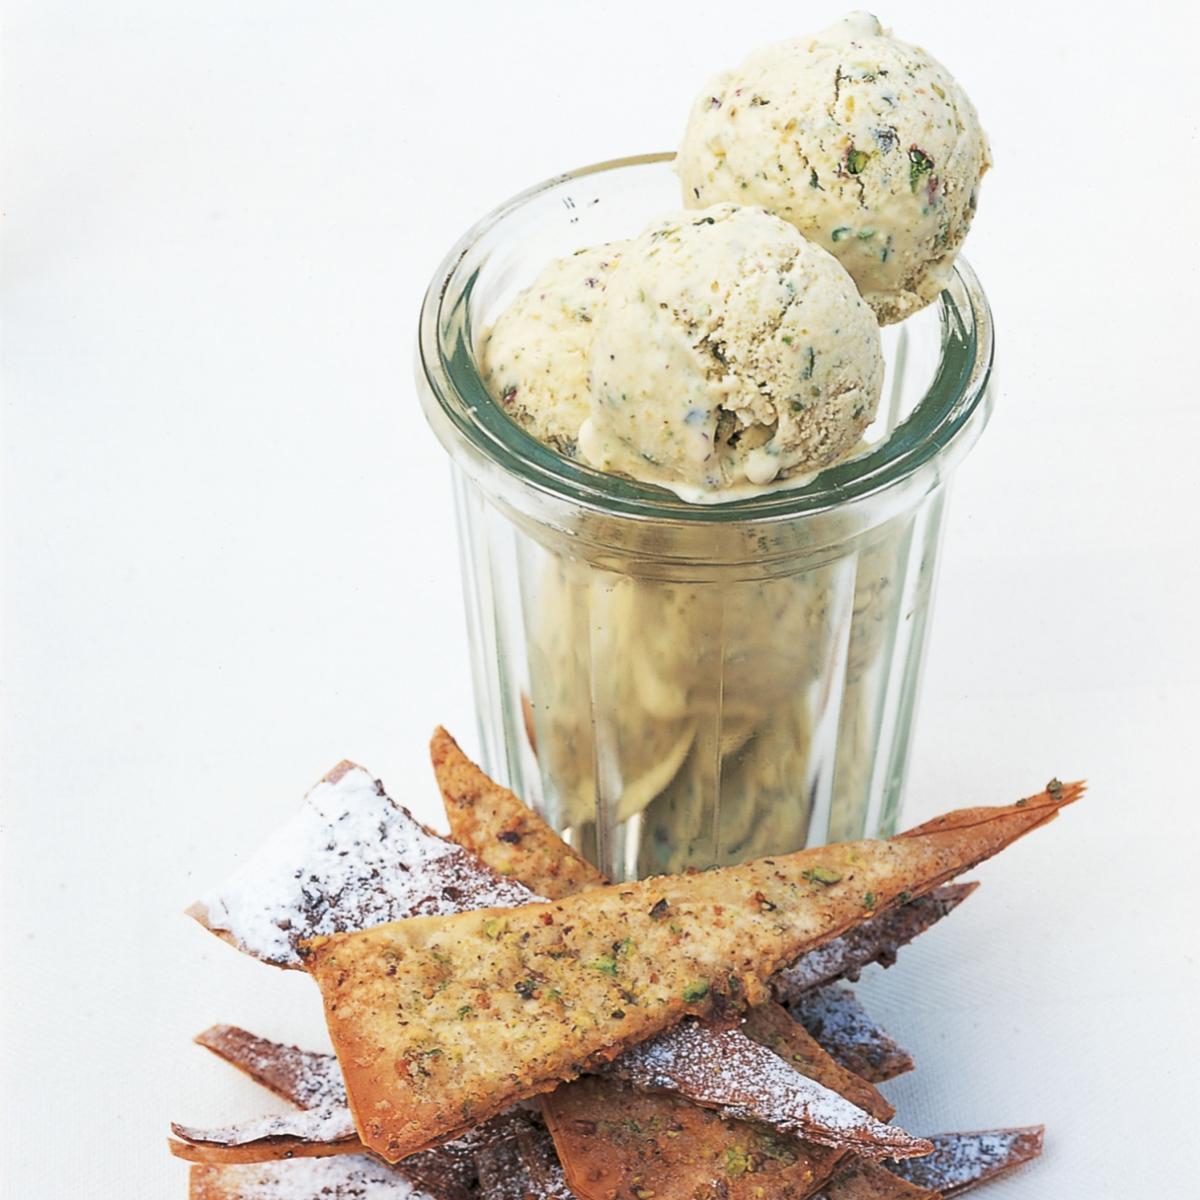 A picture of Delia's Pistachio Ice Cream recipe